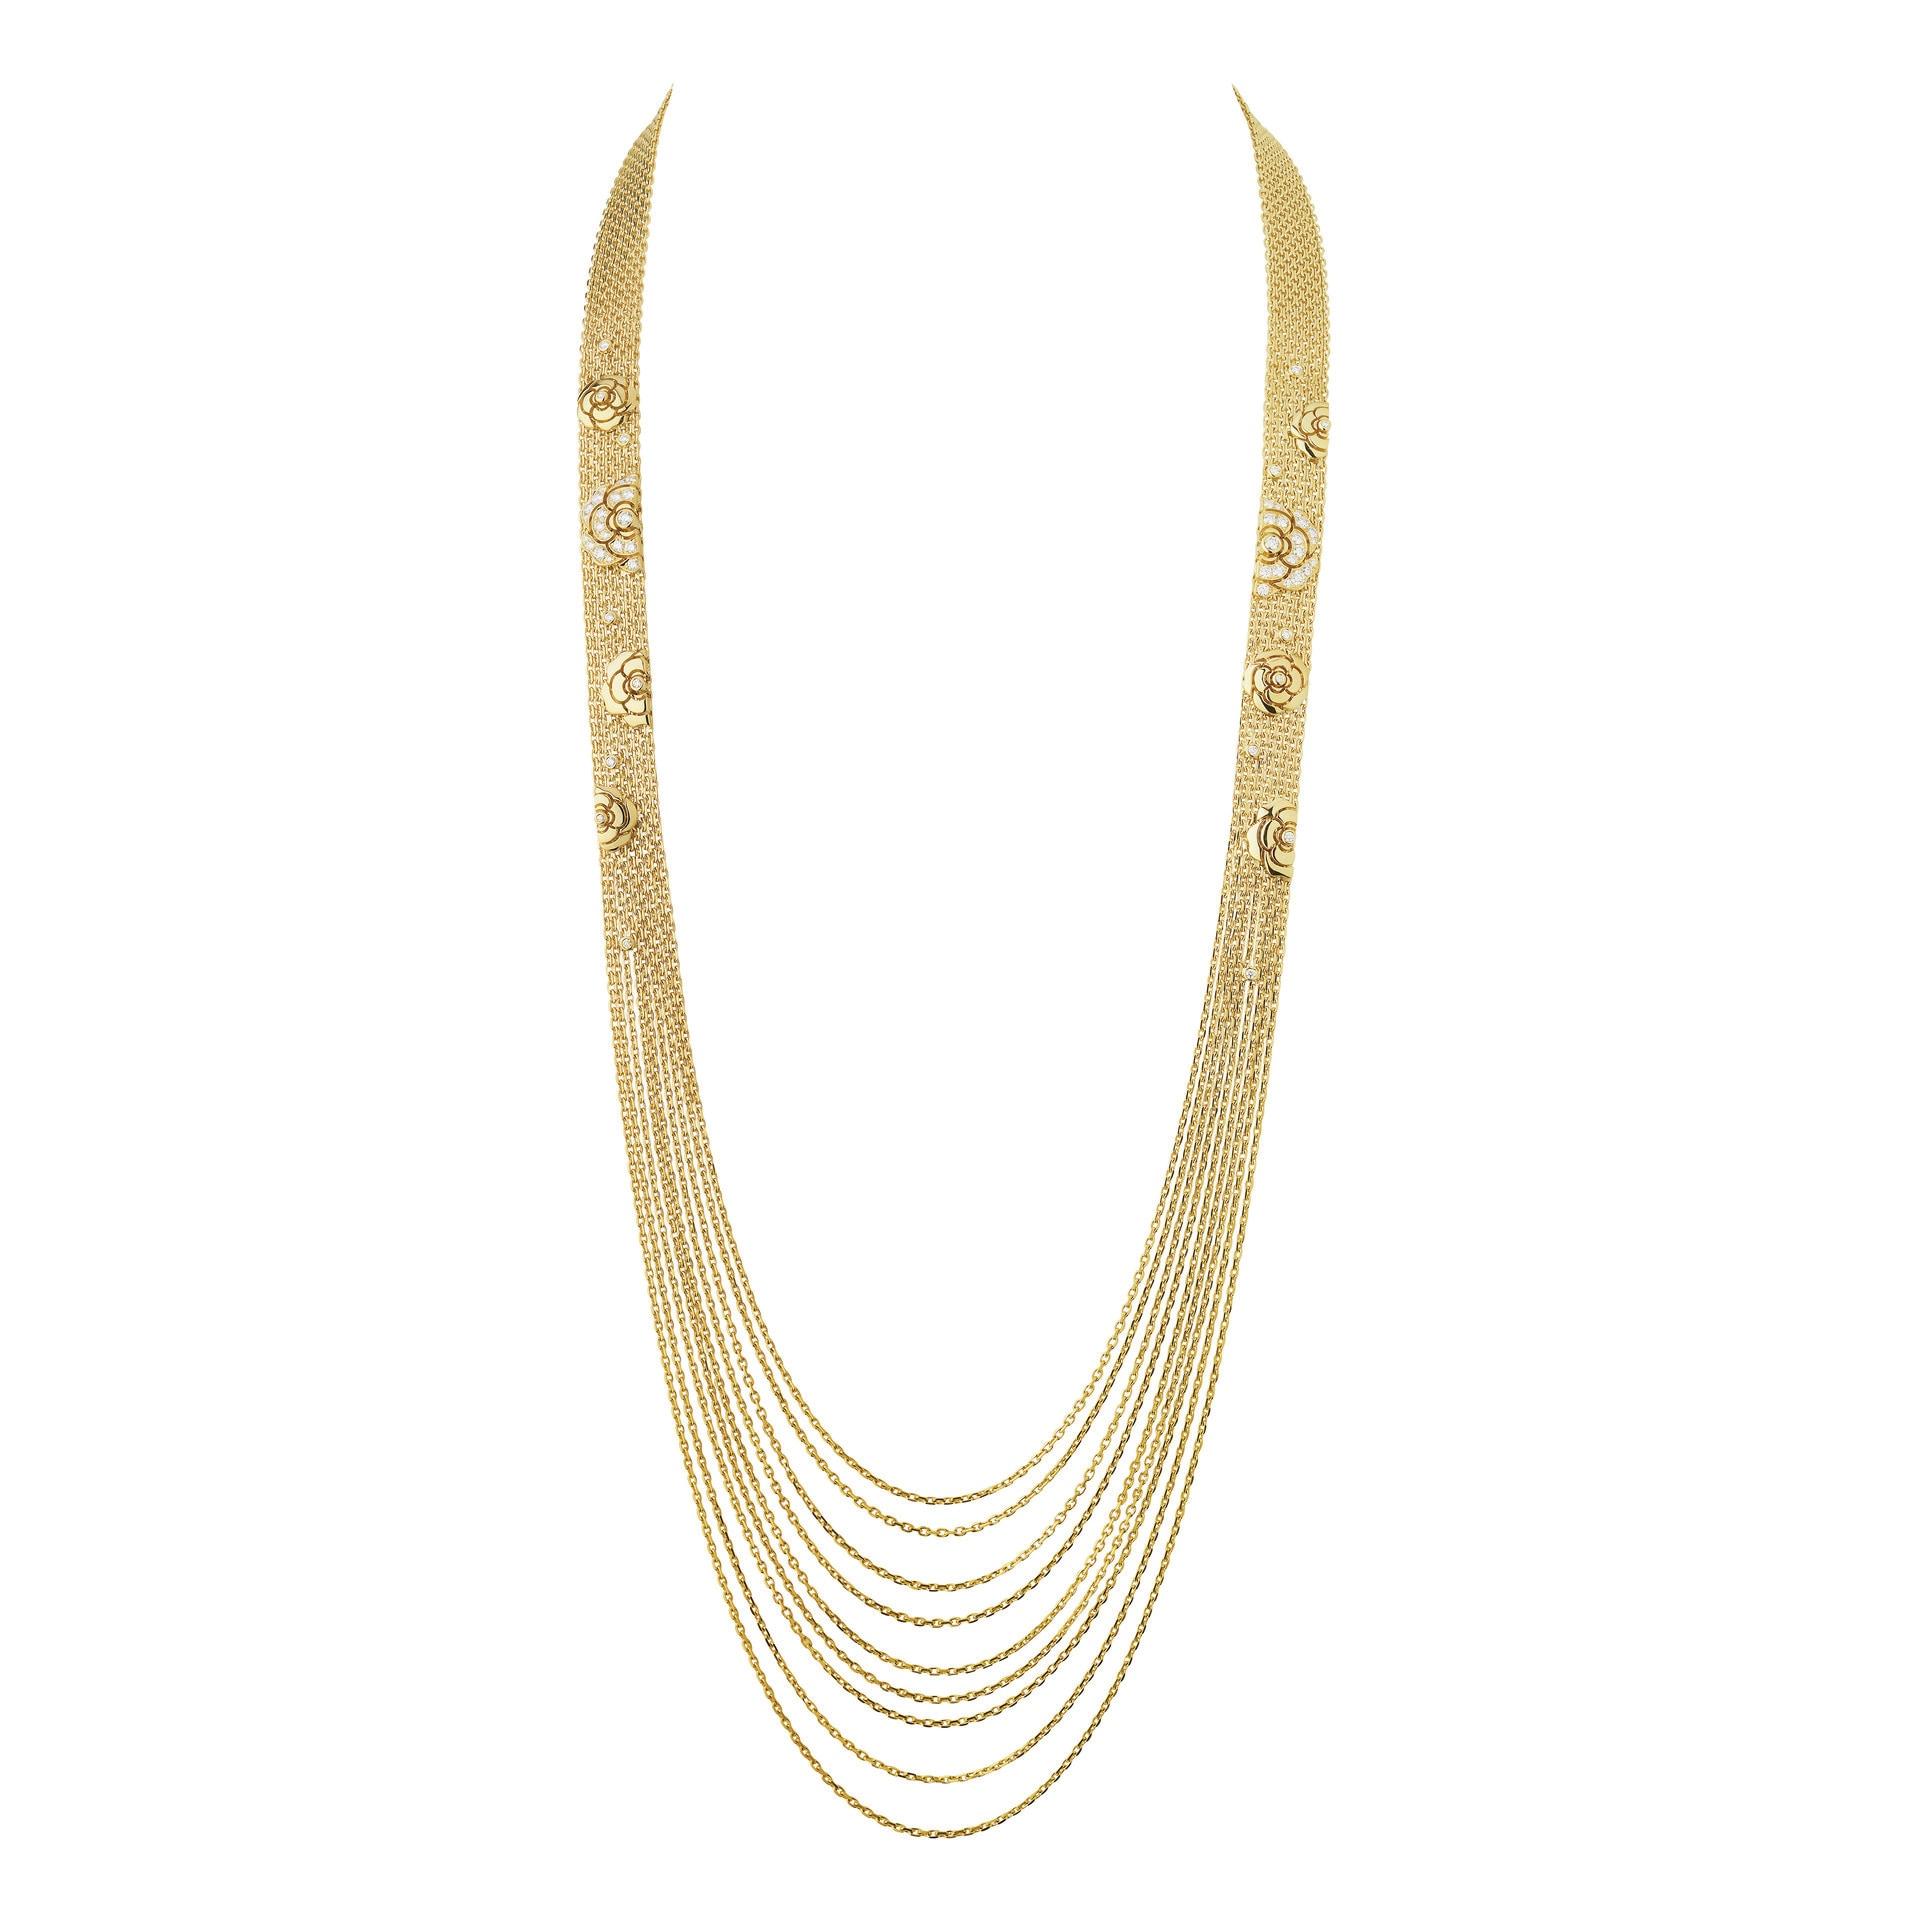 Chanel Joaillerie. Sautoir Impression de Camélia in oro giallo e diamanti con motivo piccole camelie.